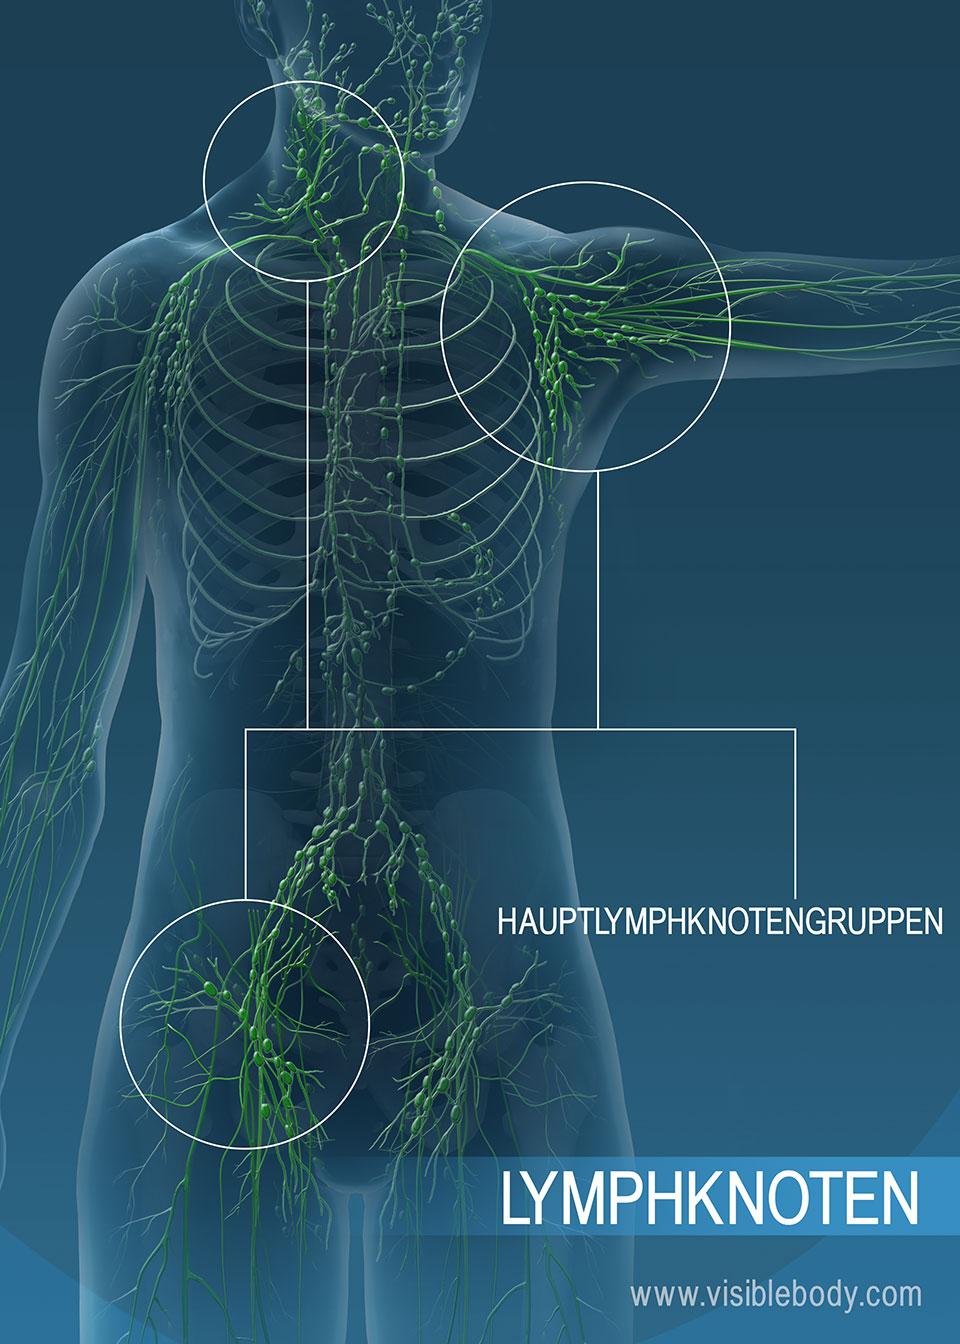 Lymphknoten können dazu beitragen, unerwünschte Stoffe aus der Lymphe zu filtern.